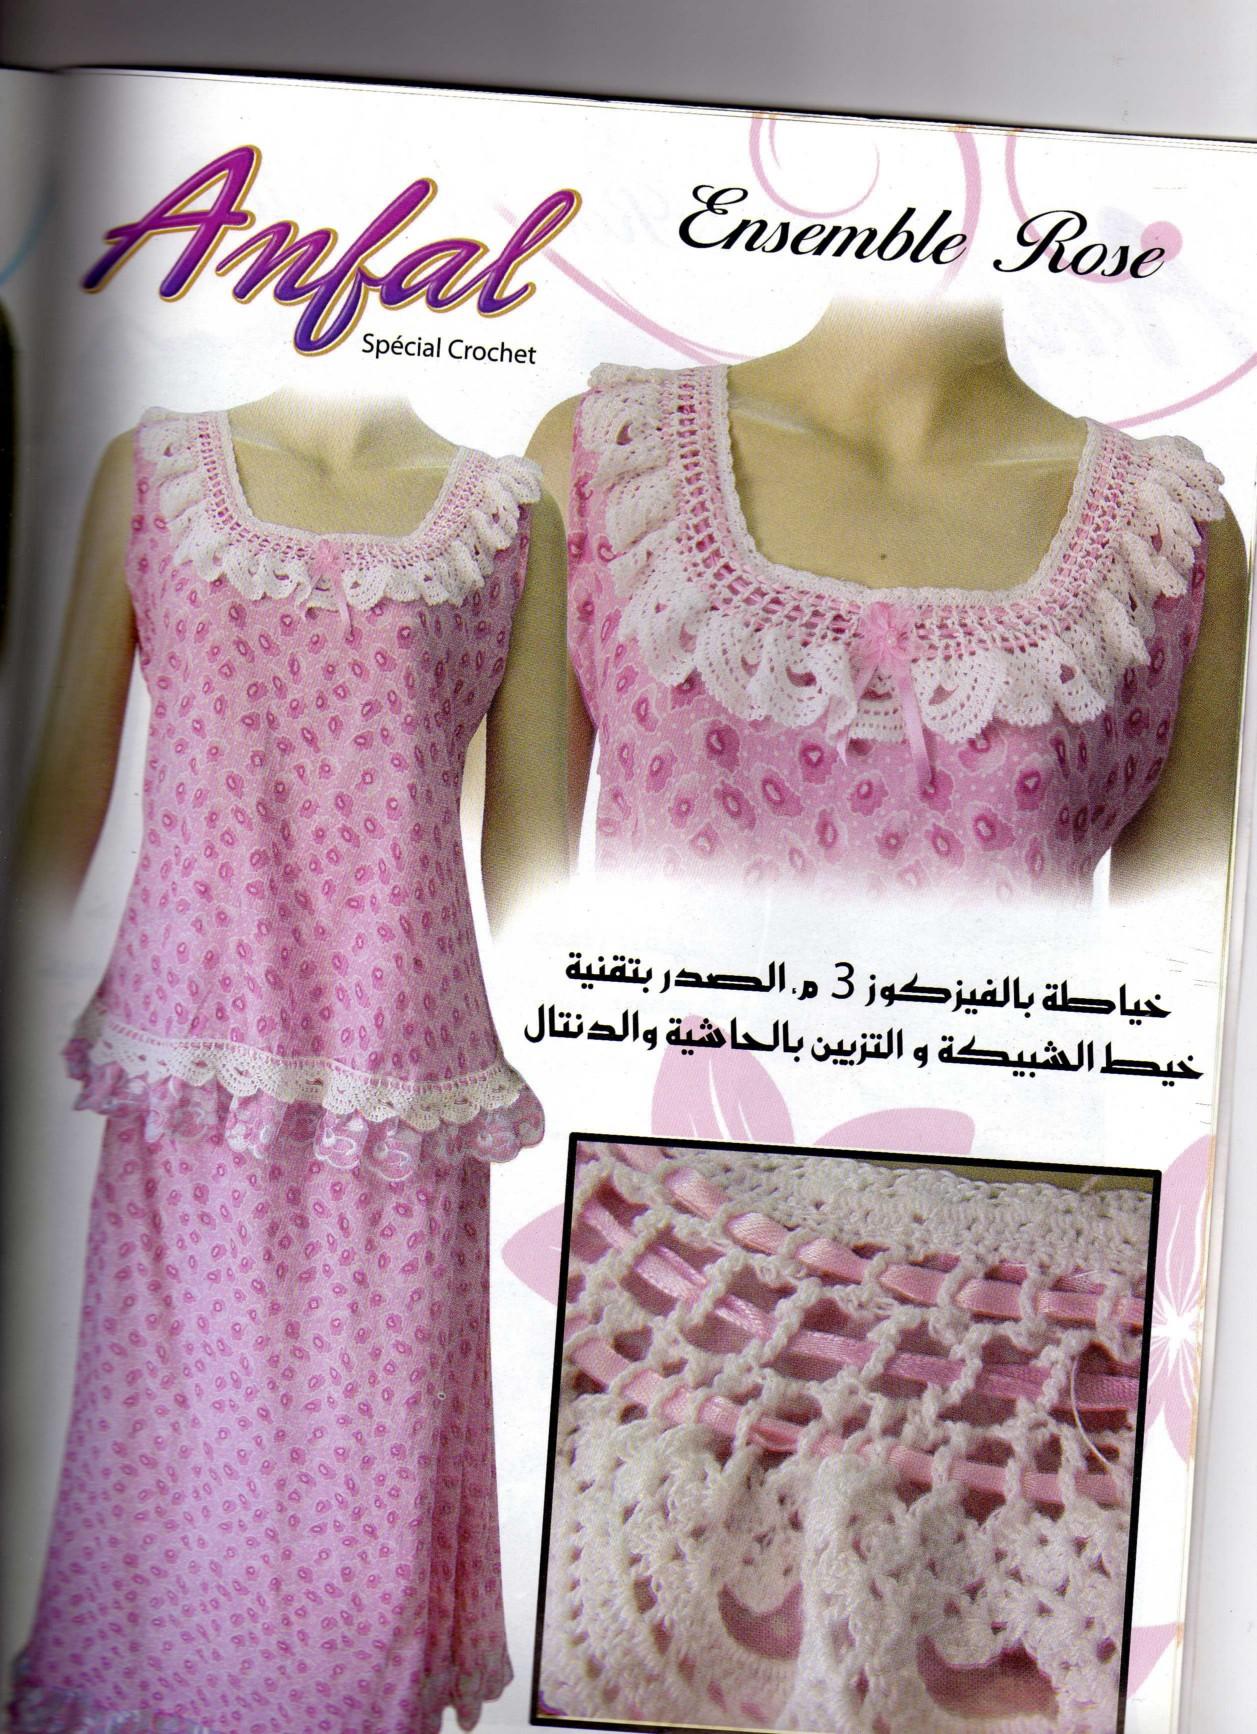 صورة موديلات فساتين كروشي جزائرية , ارق الفساتين الكروشية الخرافة جدا